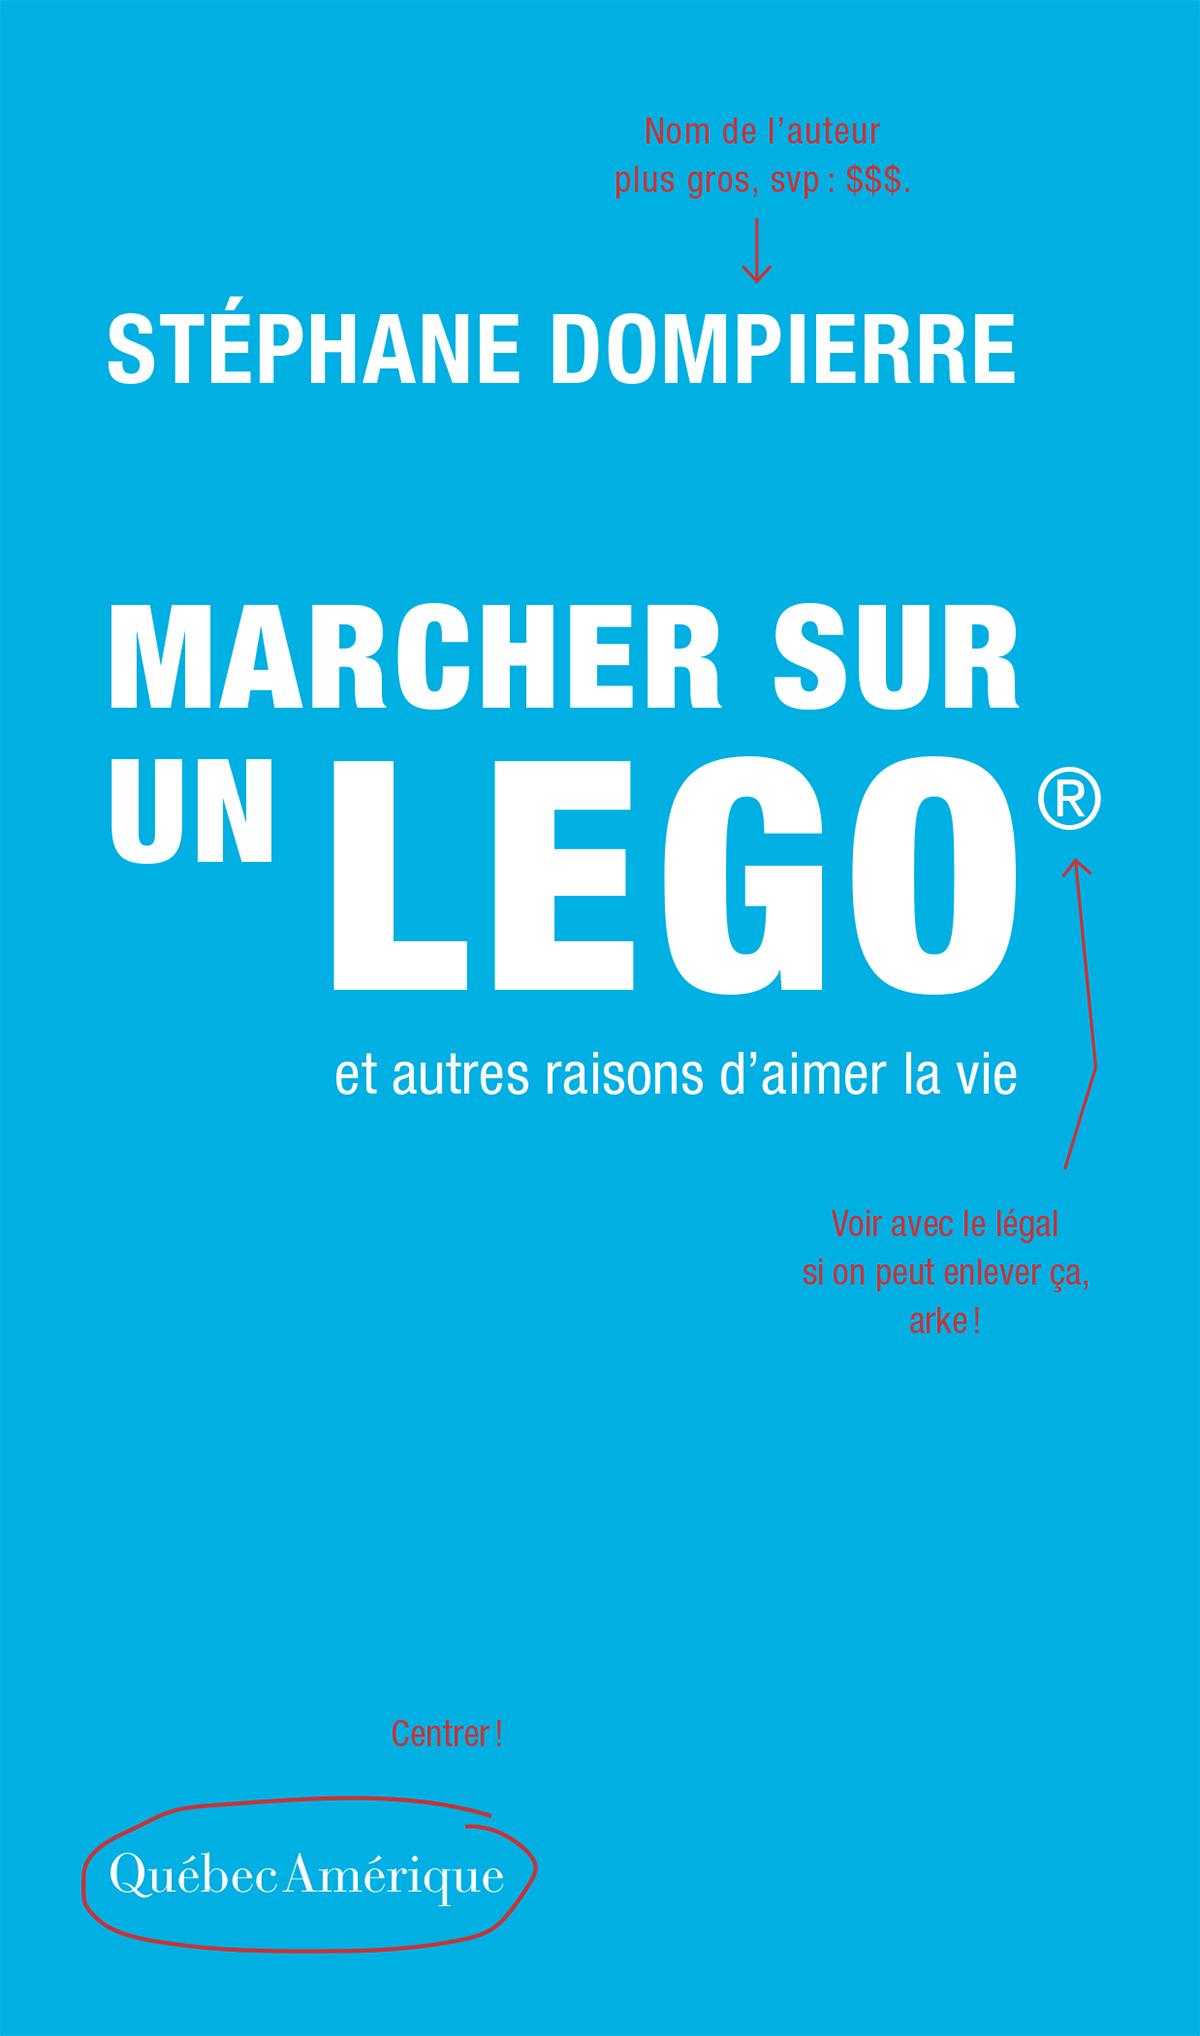 Couverture : Marcher sur un Légo et autres raisons d'aimer la vie Stéphane Dompierre